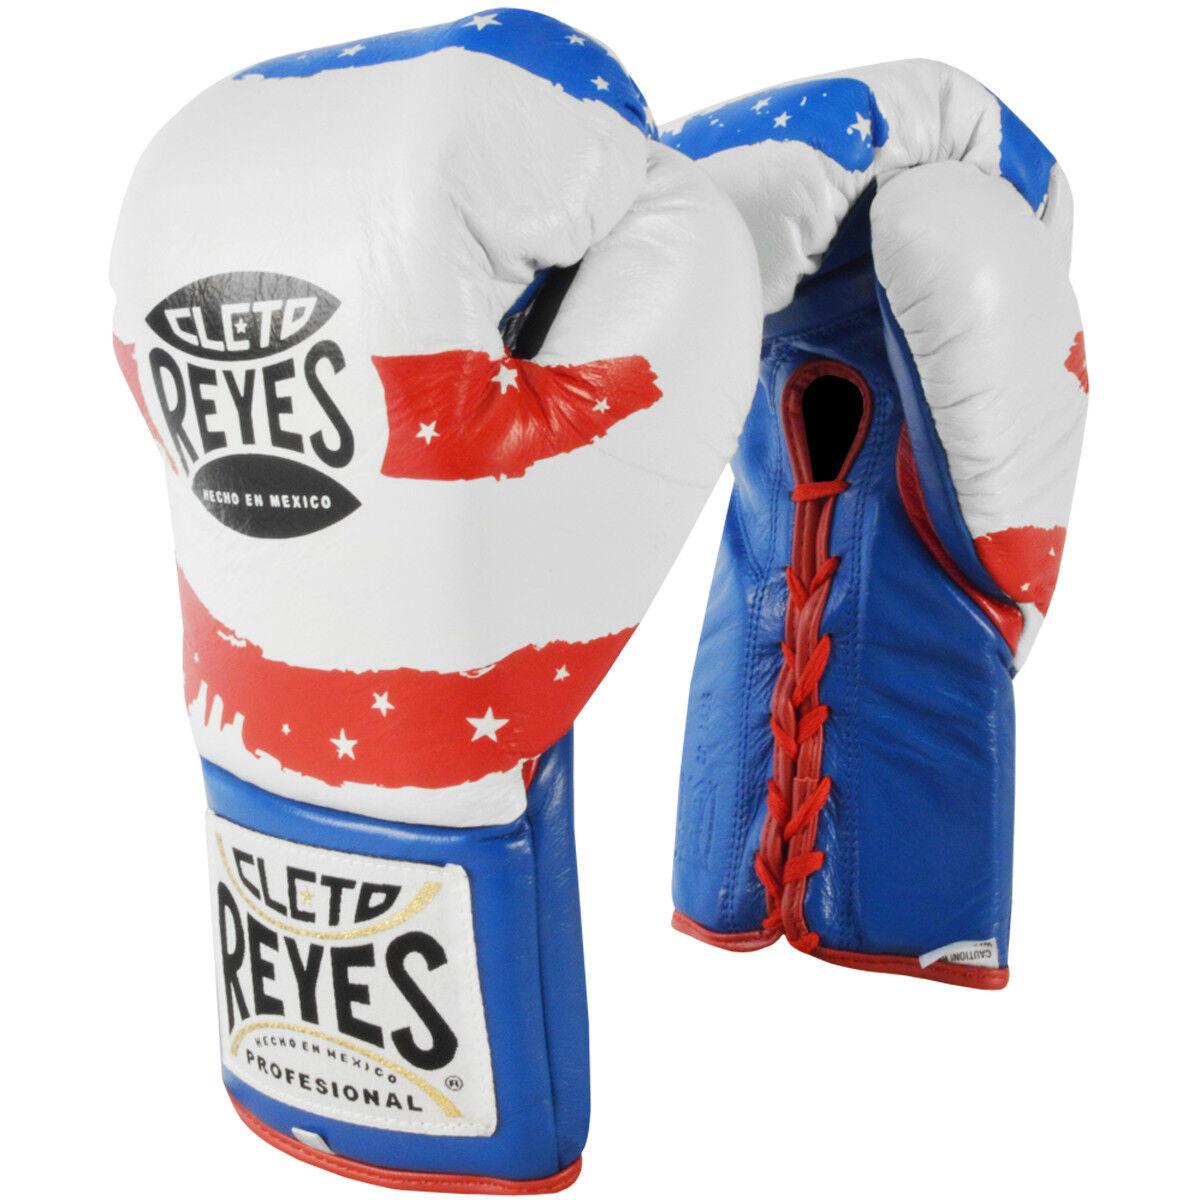 Cleo Reyes, guante oficial de boxeo.